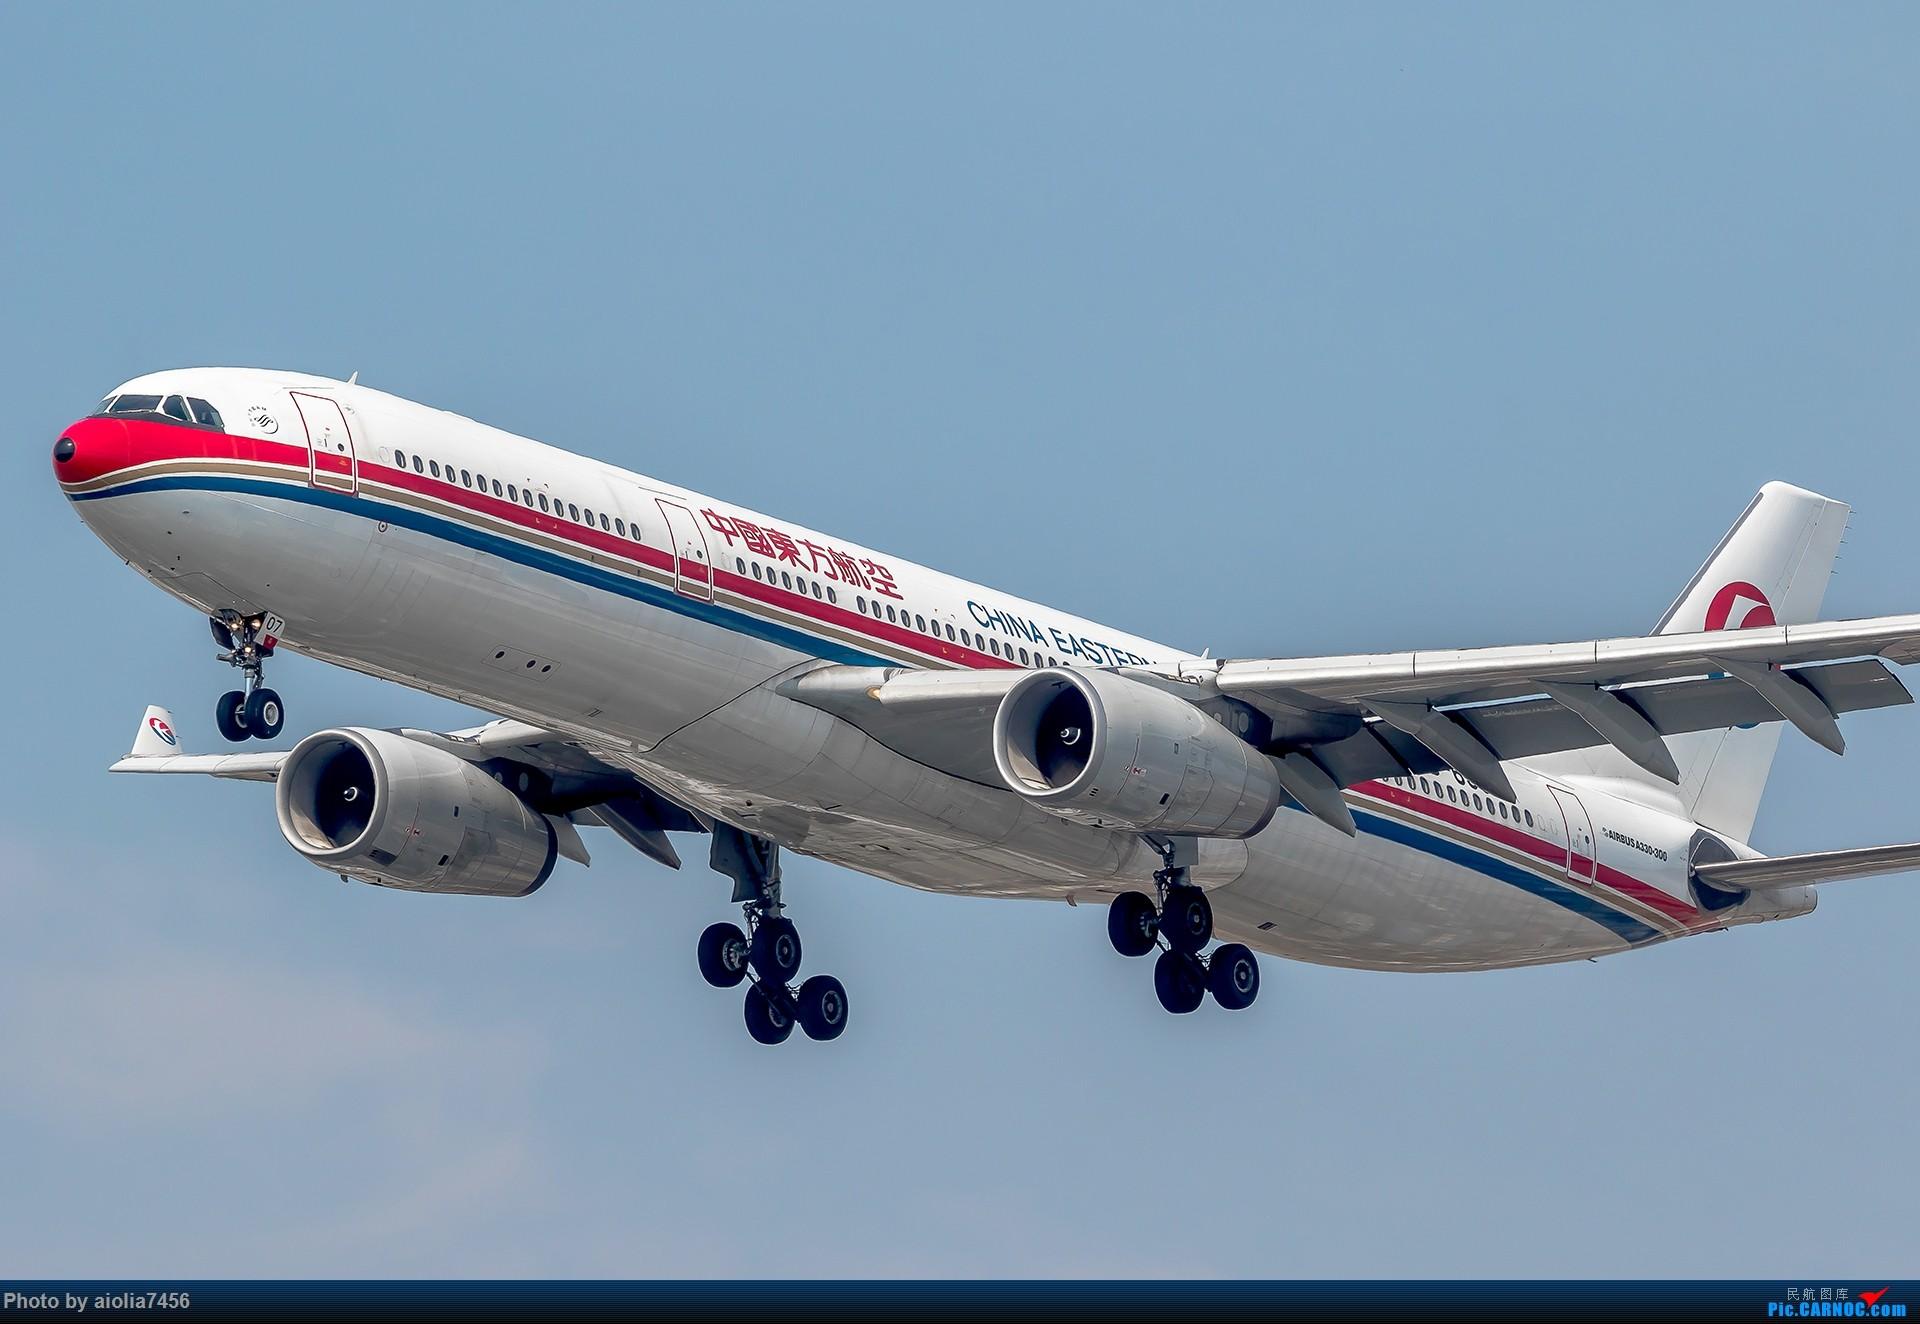 Re:[原创][霸都打机队]摸摸怀中的7D2,好宝宝,跟了新的主人你要乖乖听话哦,离开我之前,我带你逛一圈ZSSS,最后一次陪我看看那些我们不怎么看得到的宽体吧。 AIRBUS A330-300 B-6507 中国上海虹桥国际机场